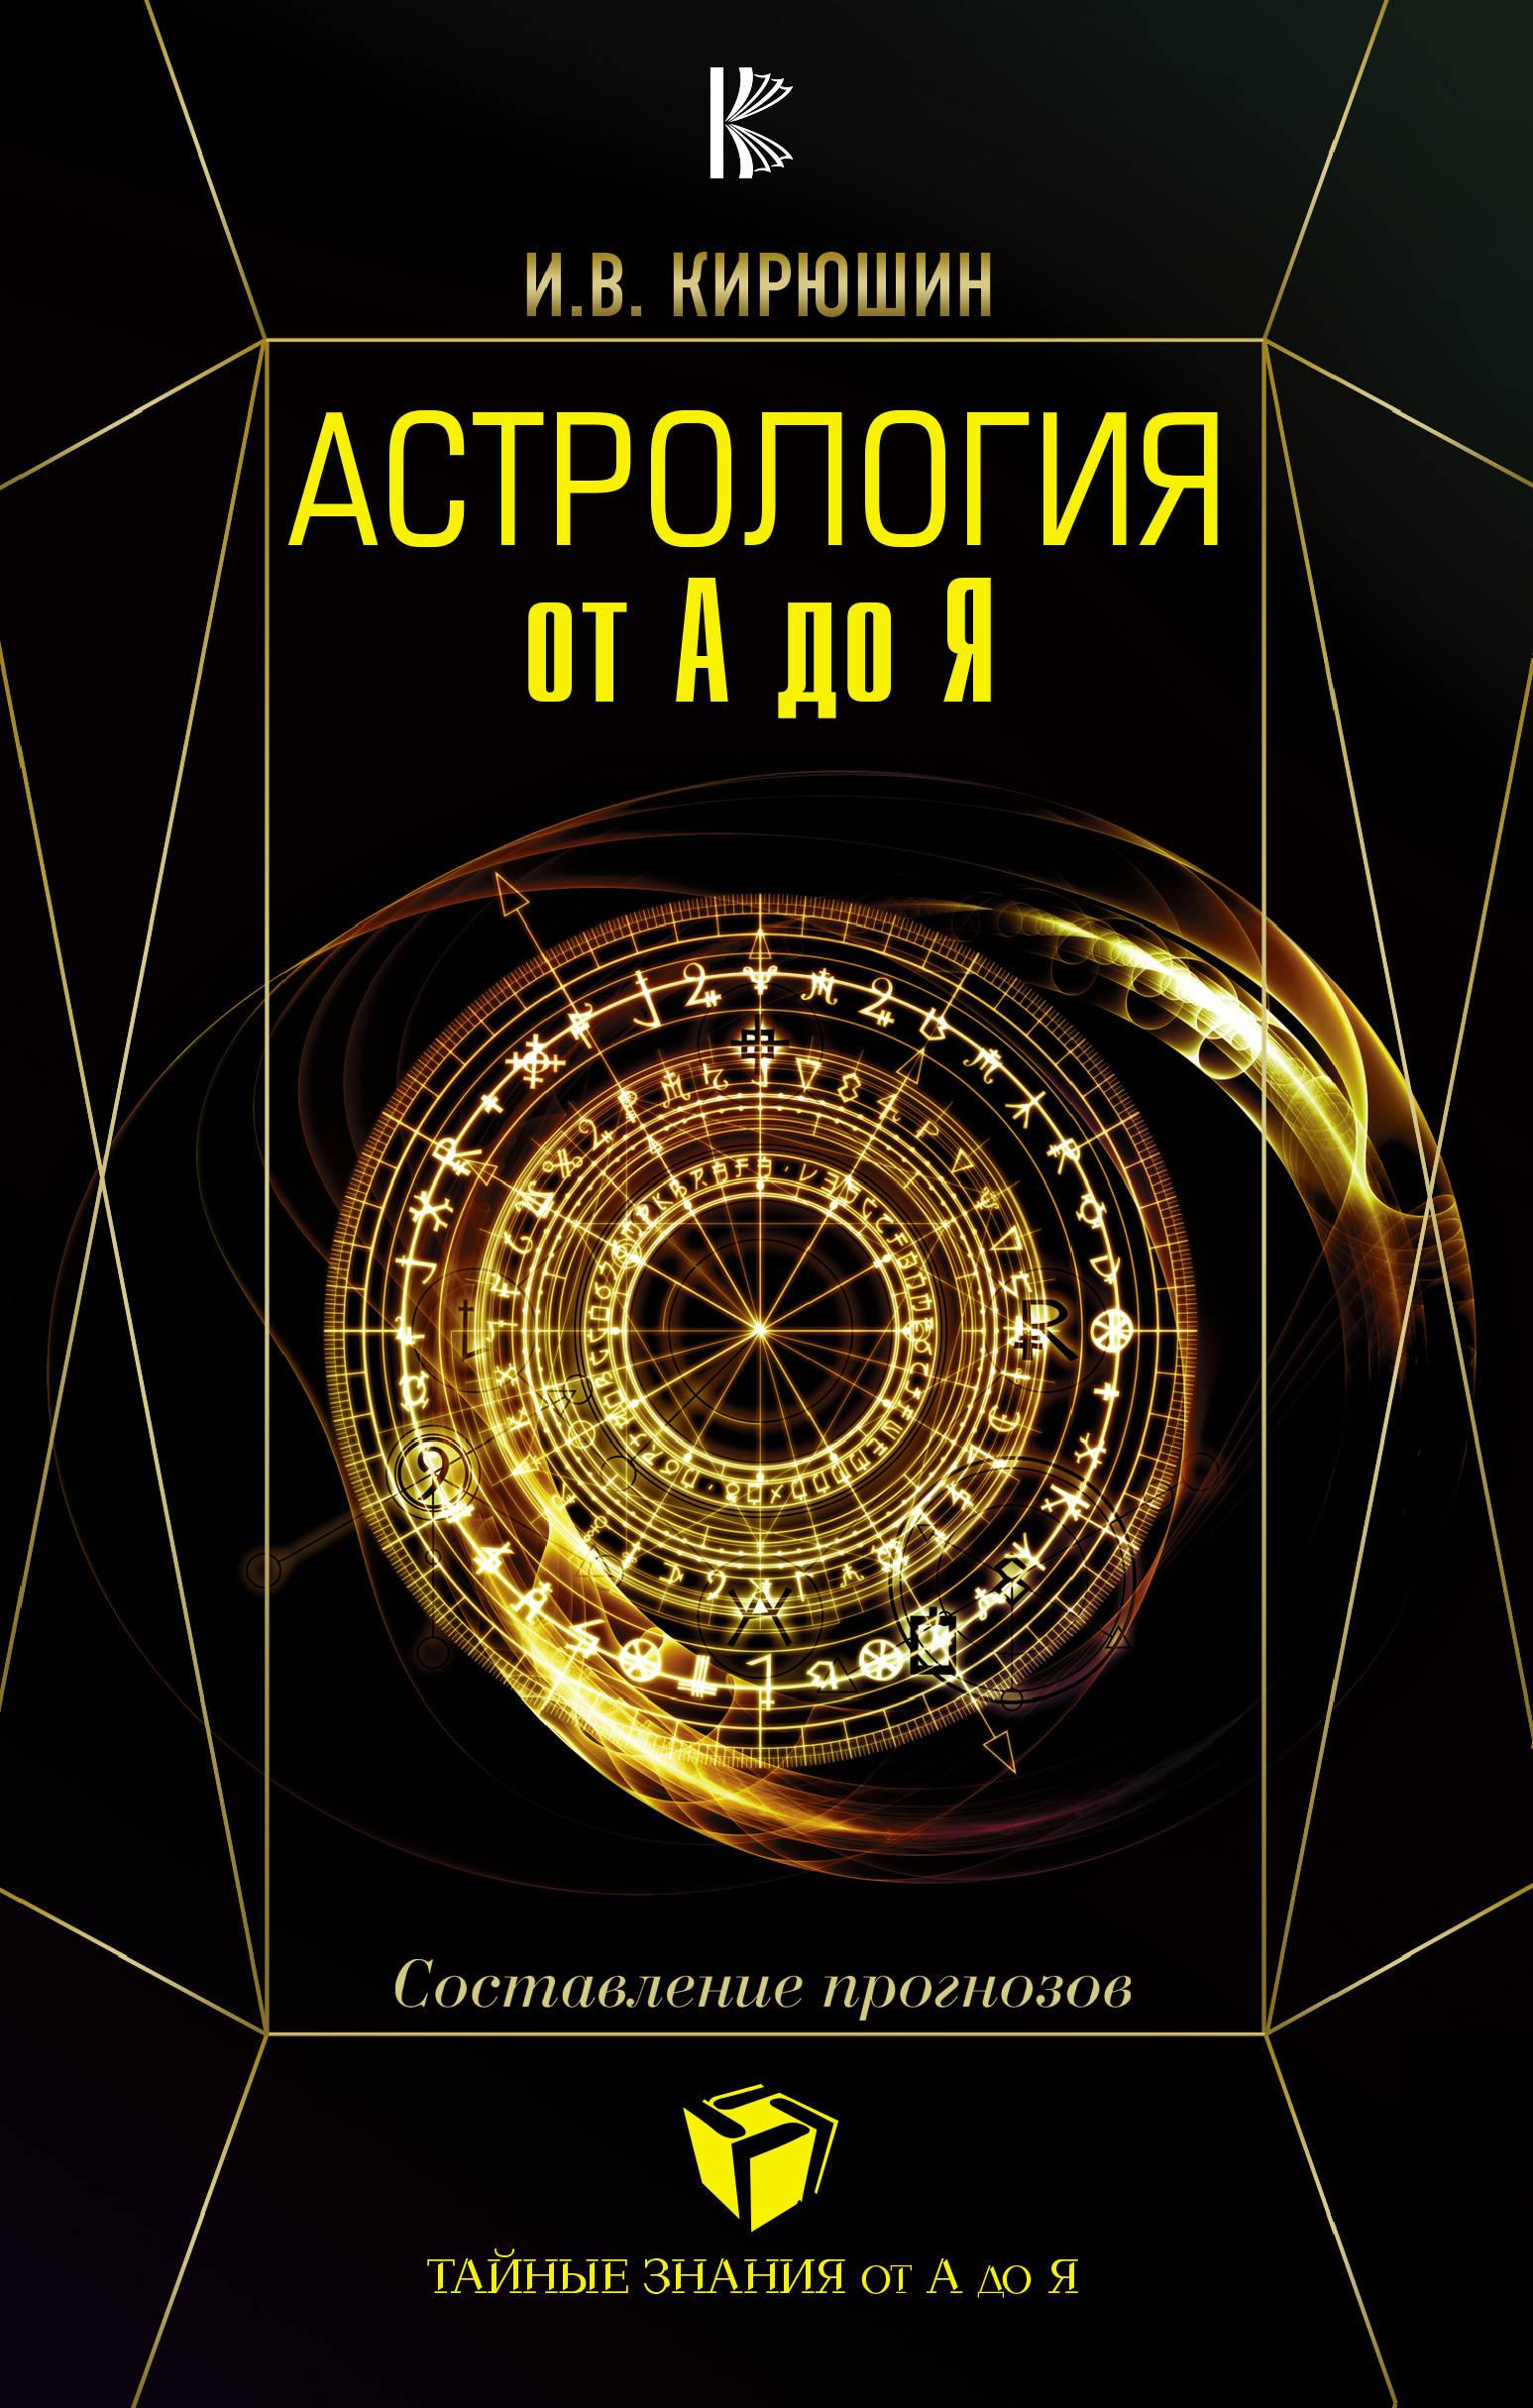 Астрология от А до Я. Составление прогнозов. И. В. Кирюшин